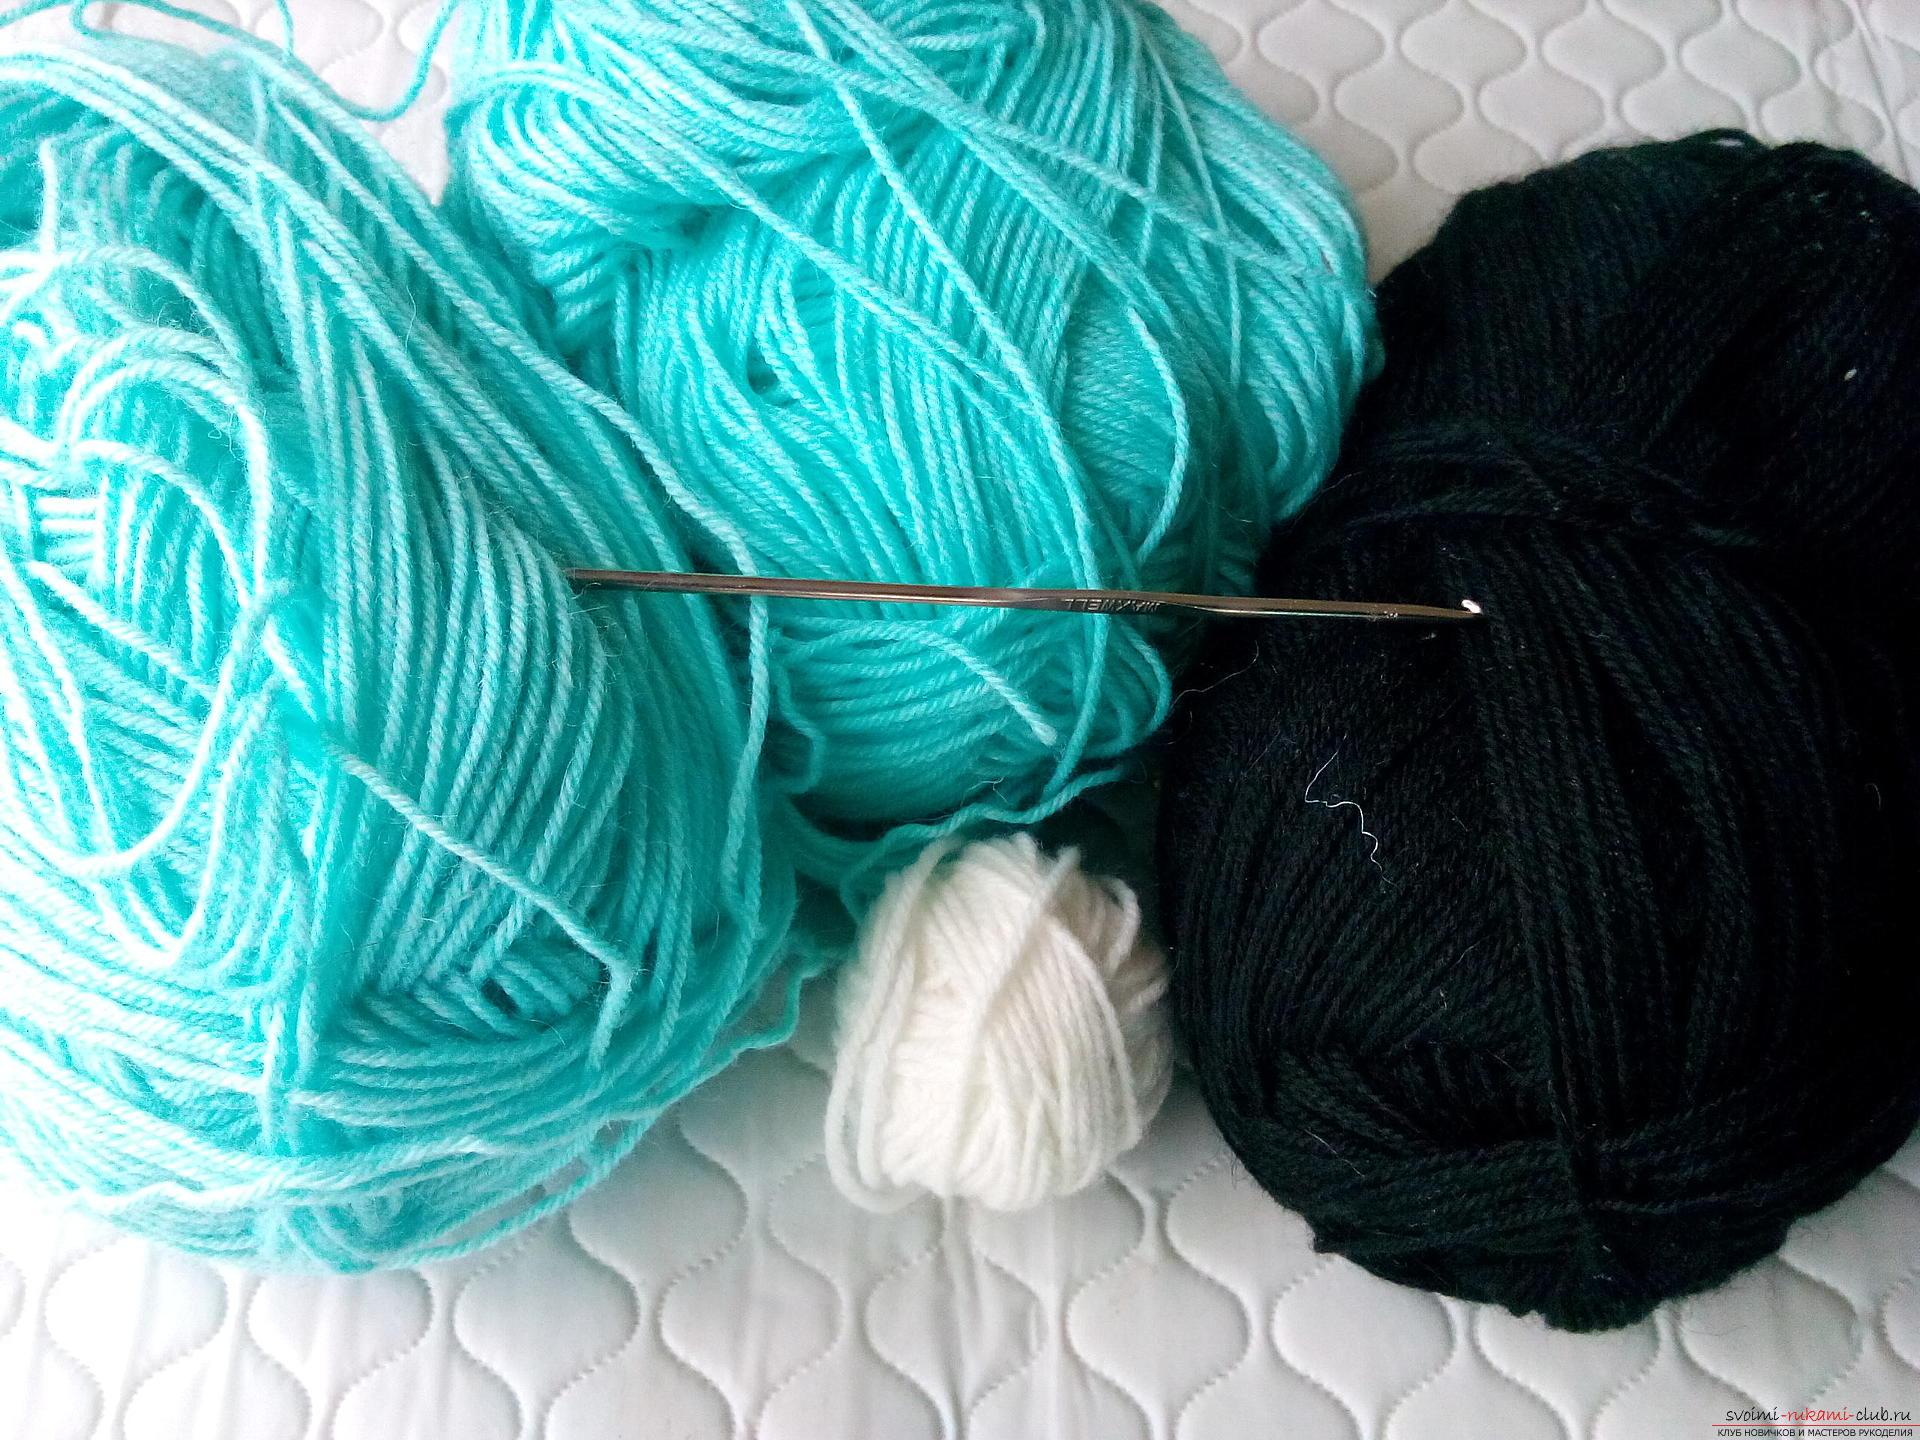 Пошаговое описание и фото вязания крючком комплекта для мальчика из шапочки и шарфа. Фото №1